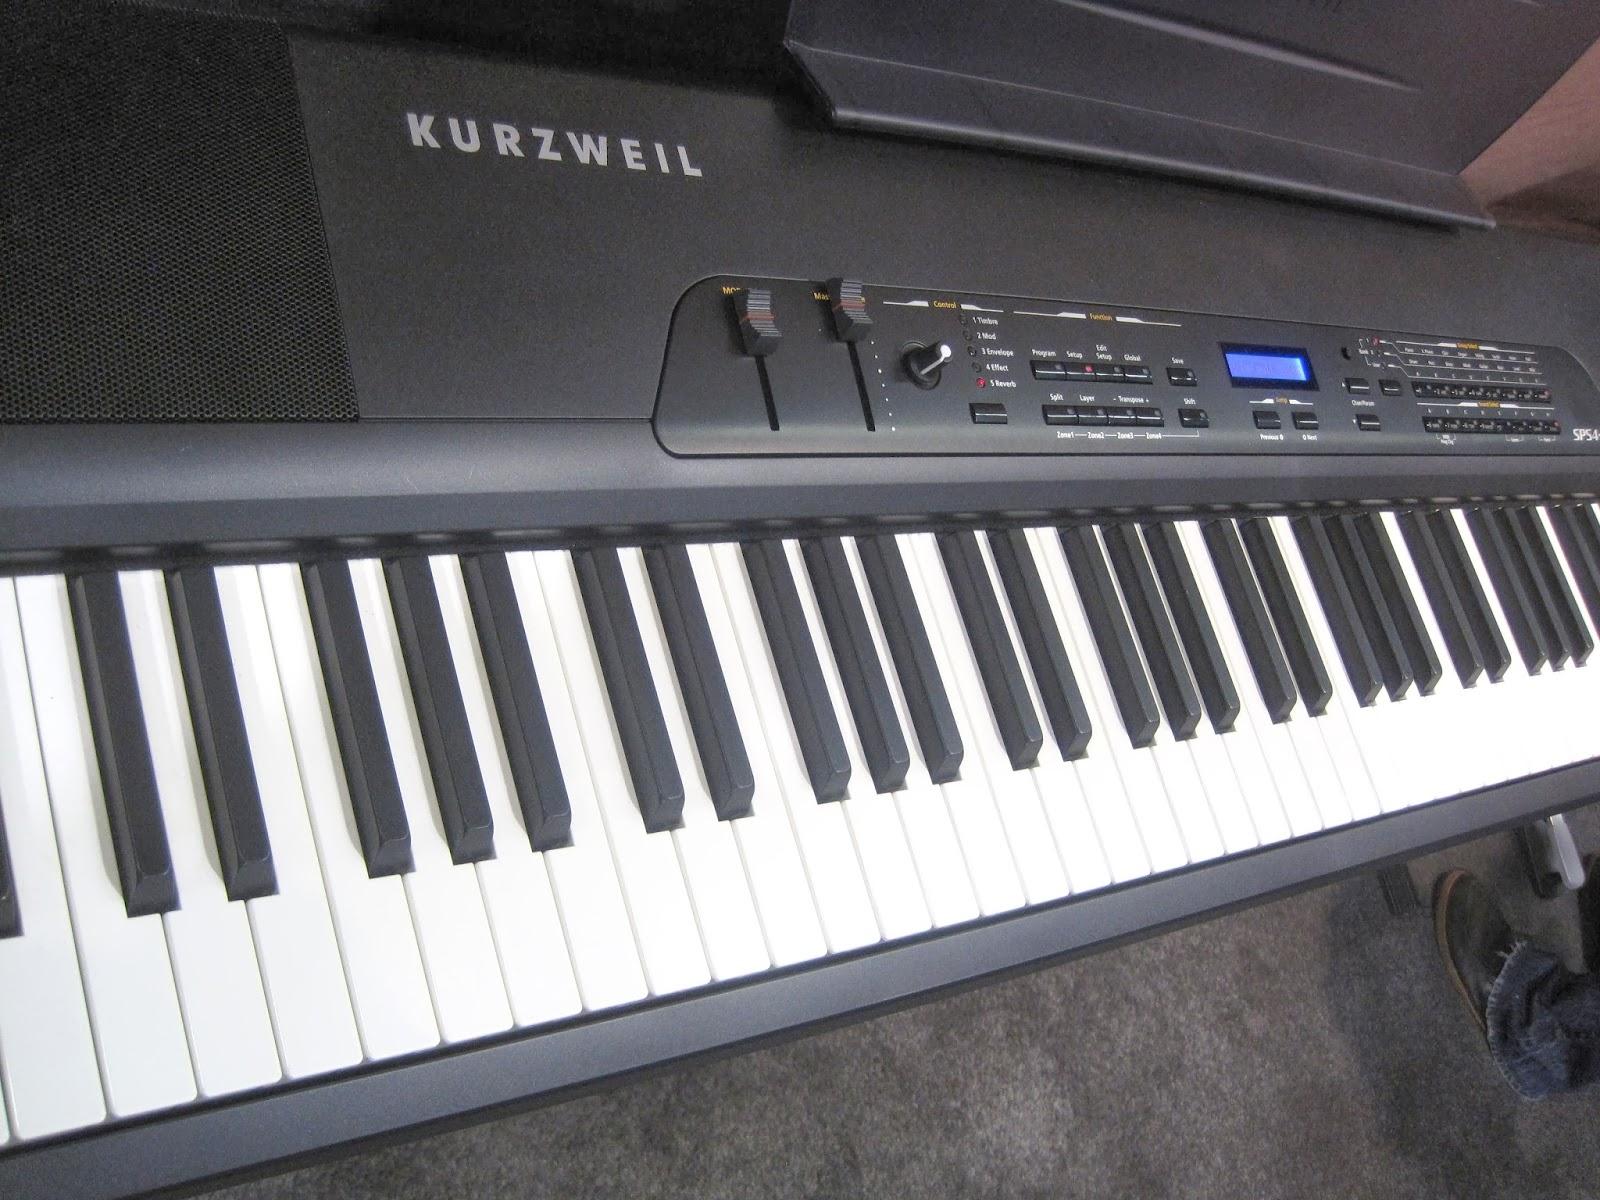 Kurzweil Piano Action Diagrampiano Wire Diagrams Wiring Diagram Sps4 8 Digital